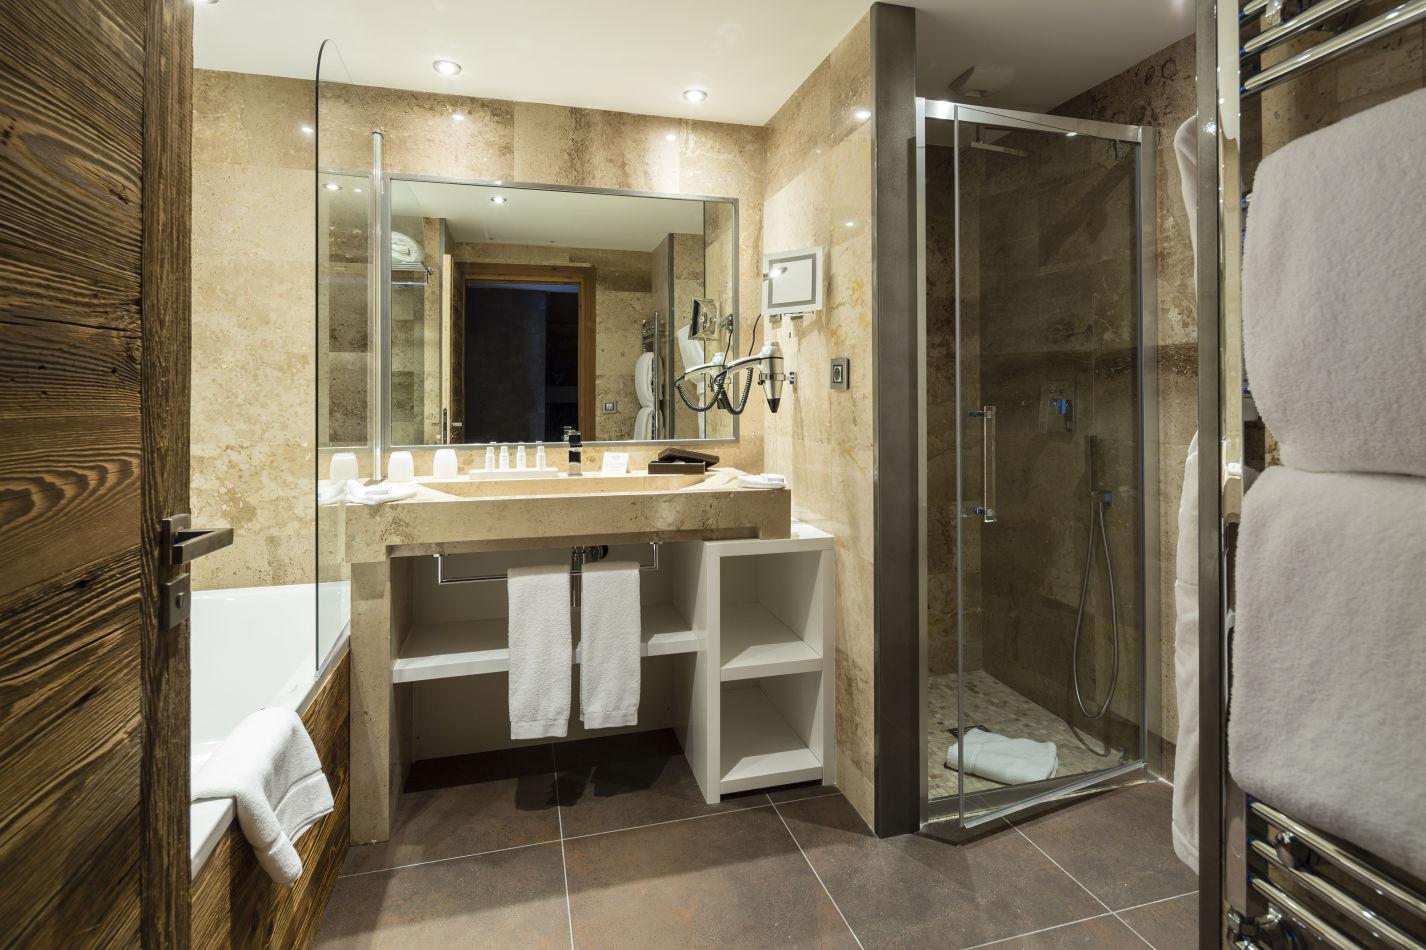 junior-suite-43-m%c2%b2-salle-de-bain